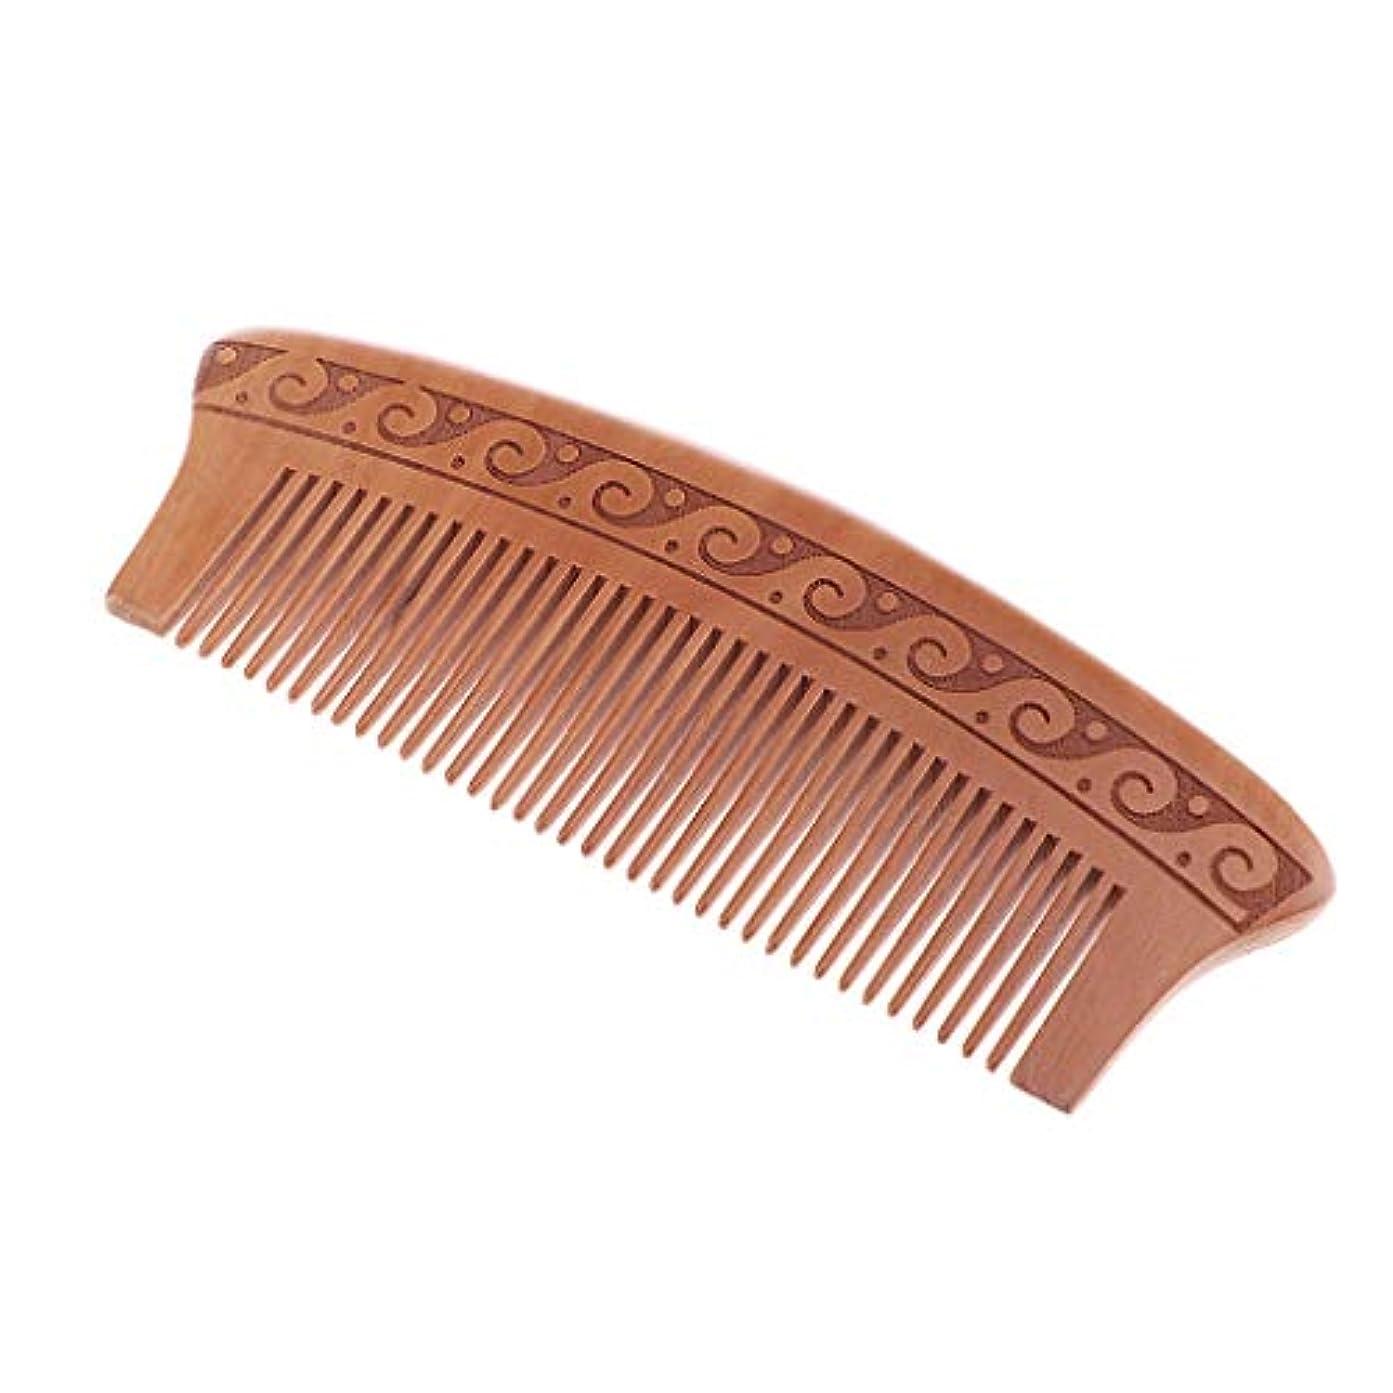 衝撃告発者永久にウッドワイドの歯静電気防止マホガニー櫛頭マッサージ木製の櫛 - J16d